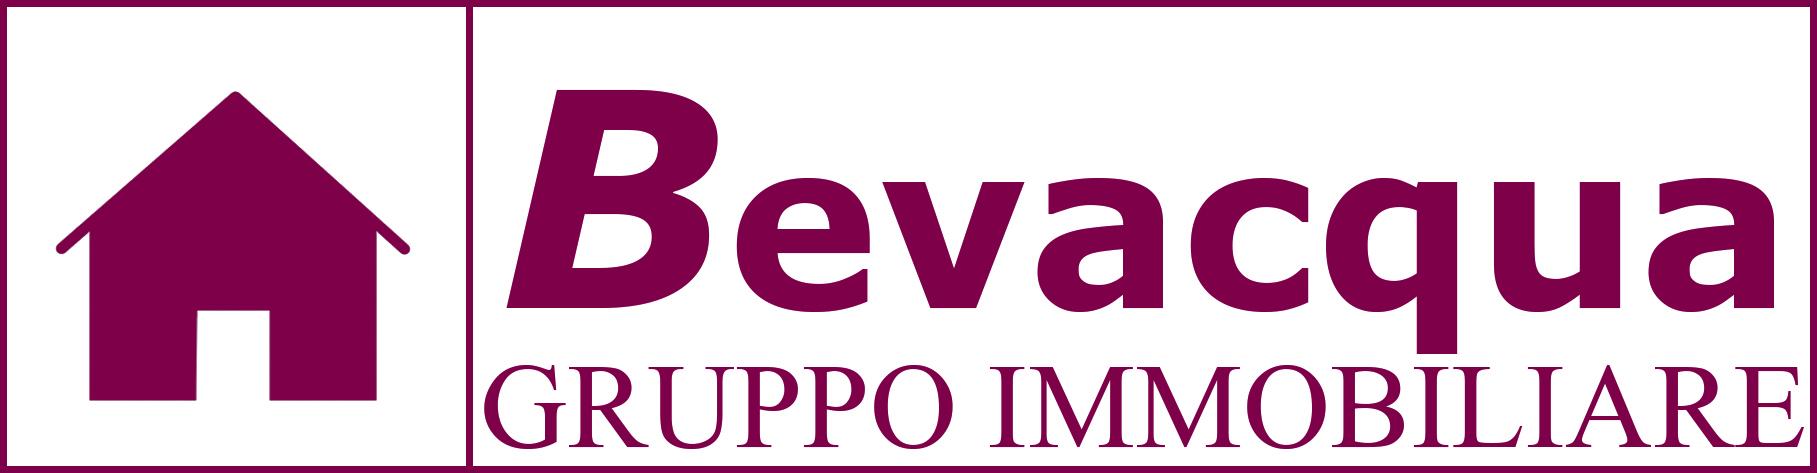 Bevacqua